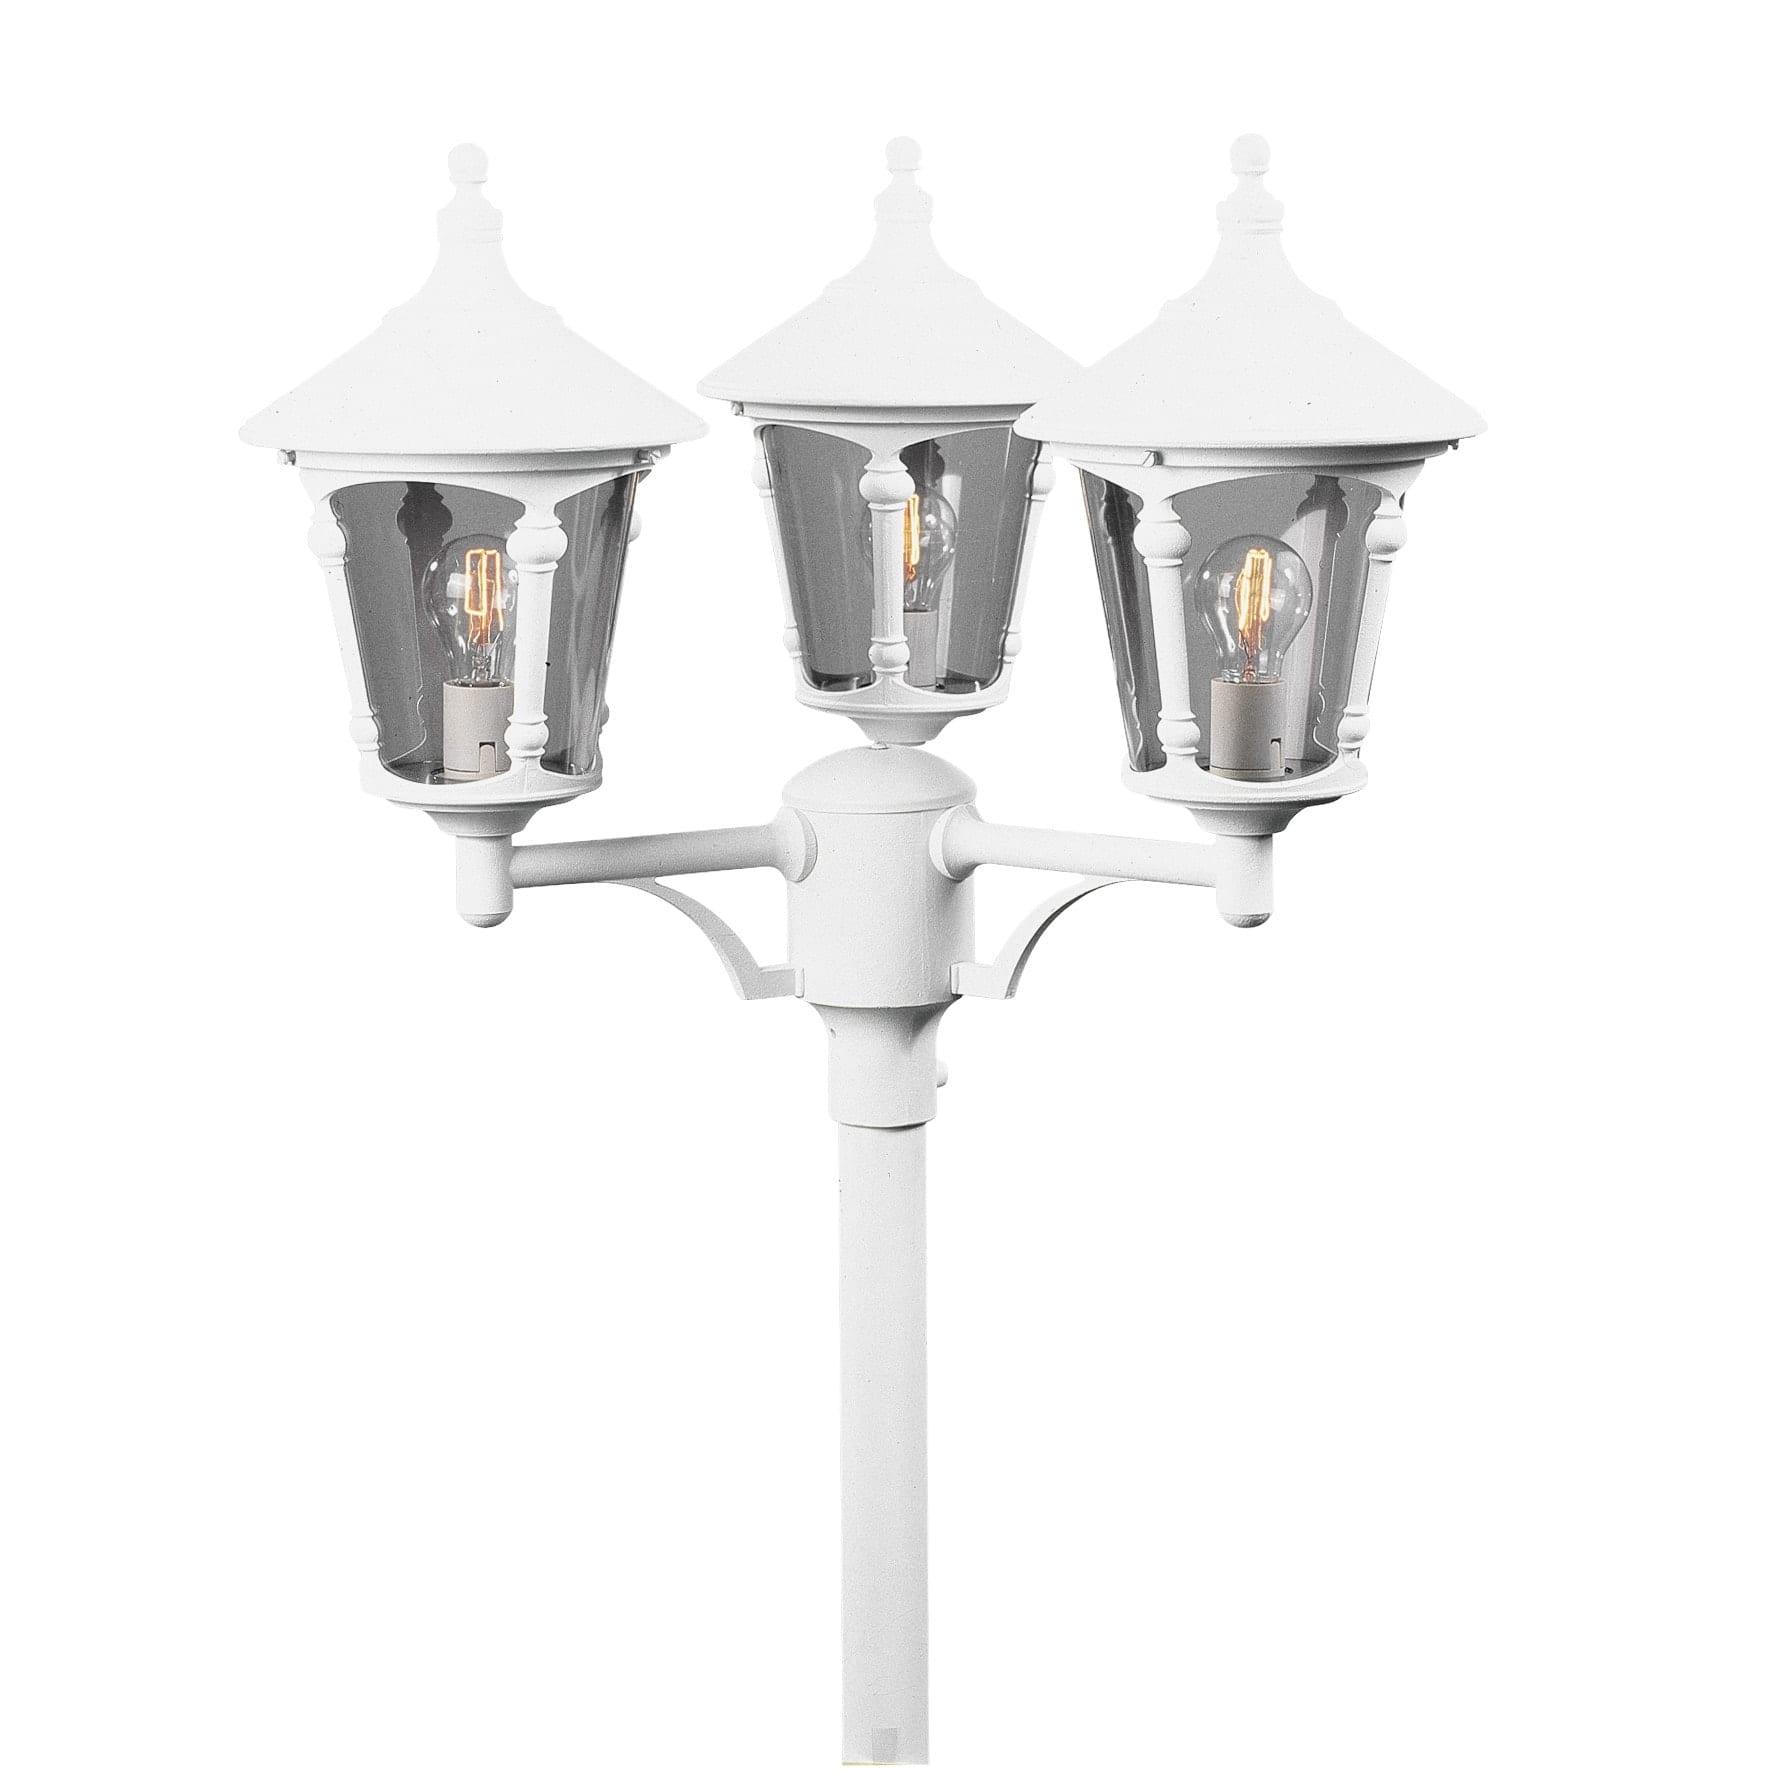 LED-ulkovalot ovat energiaa säästävä ja huippukestävä valinta